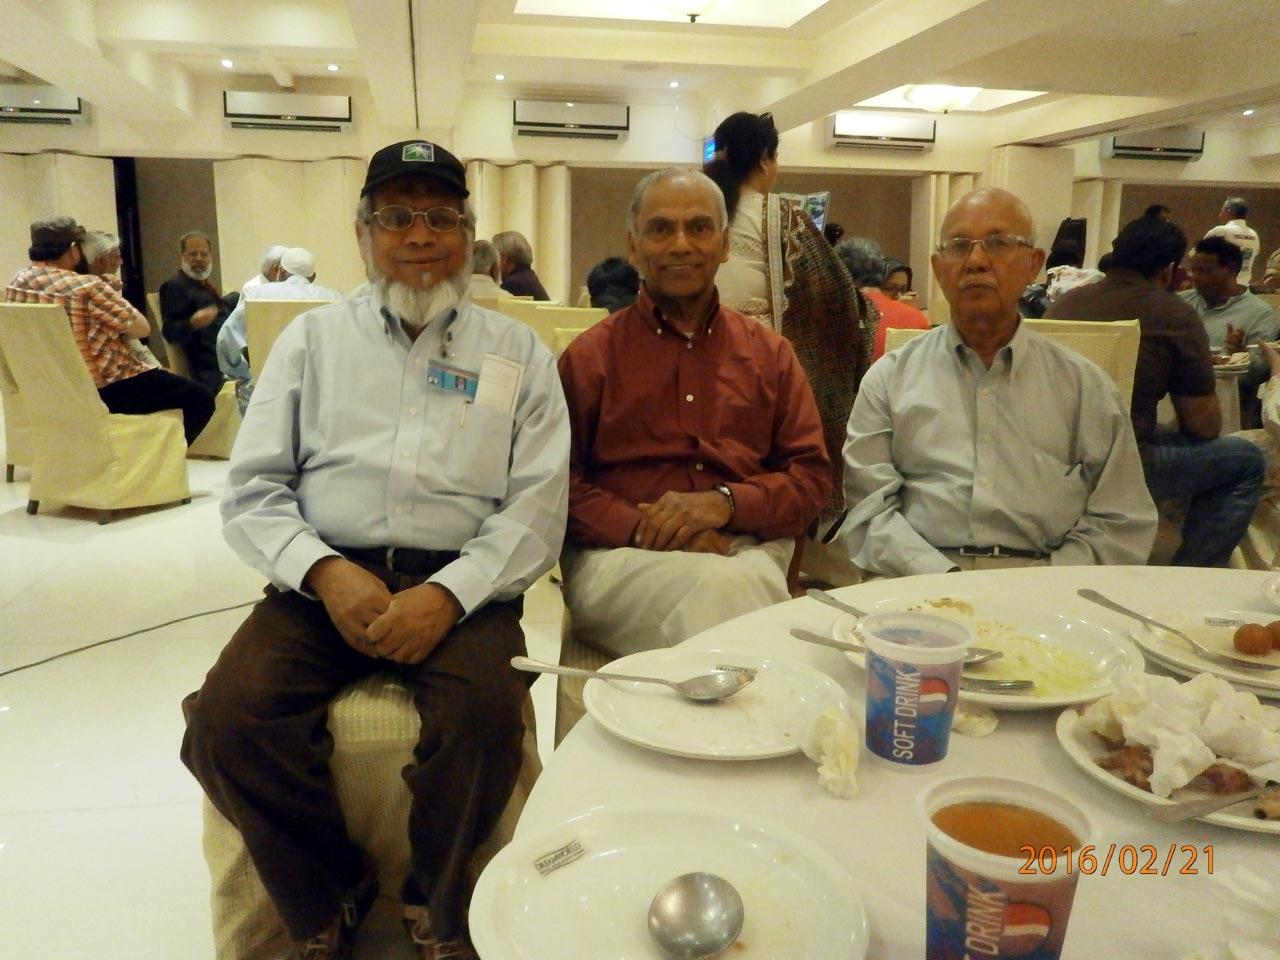 Engr. Iqbal A. Khan, Engr. Mohammad Ahmed, Engr. Syed Waqar Fakhri